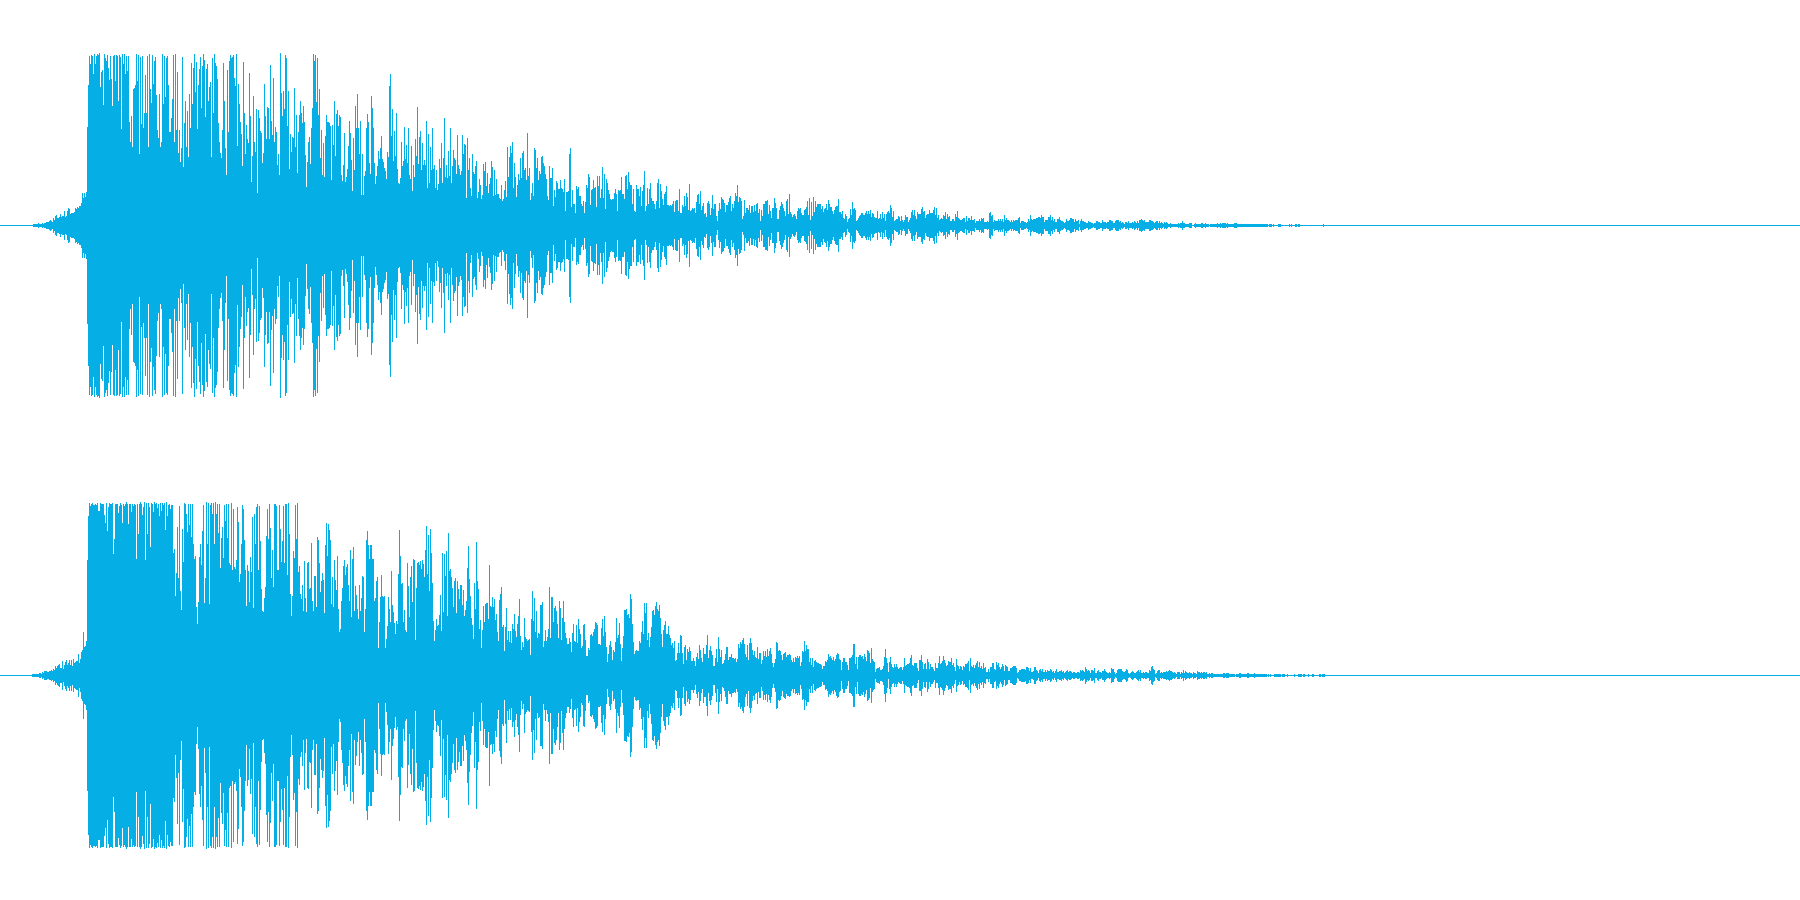 シュードーン-13(インパクト音)の再生済みの波形